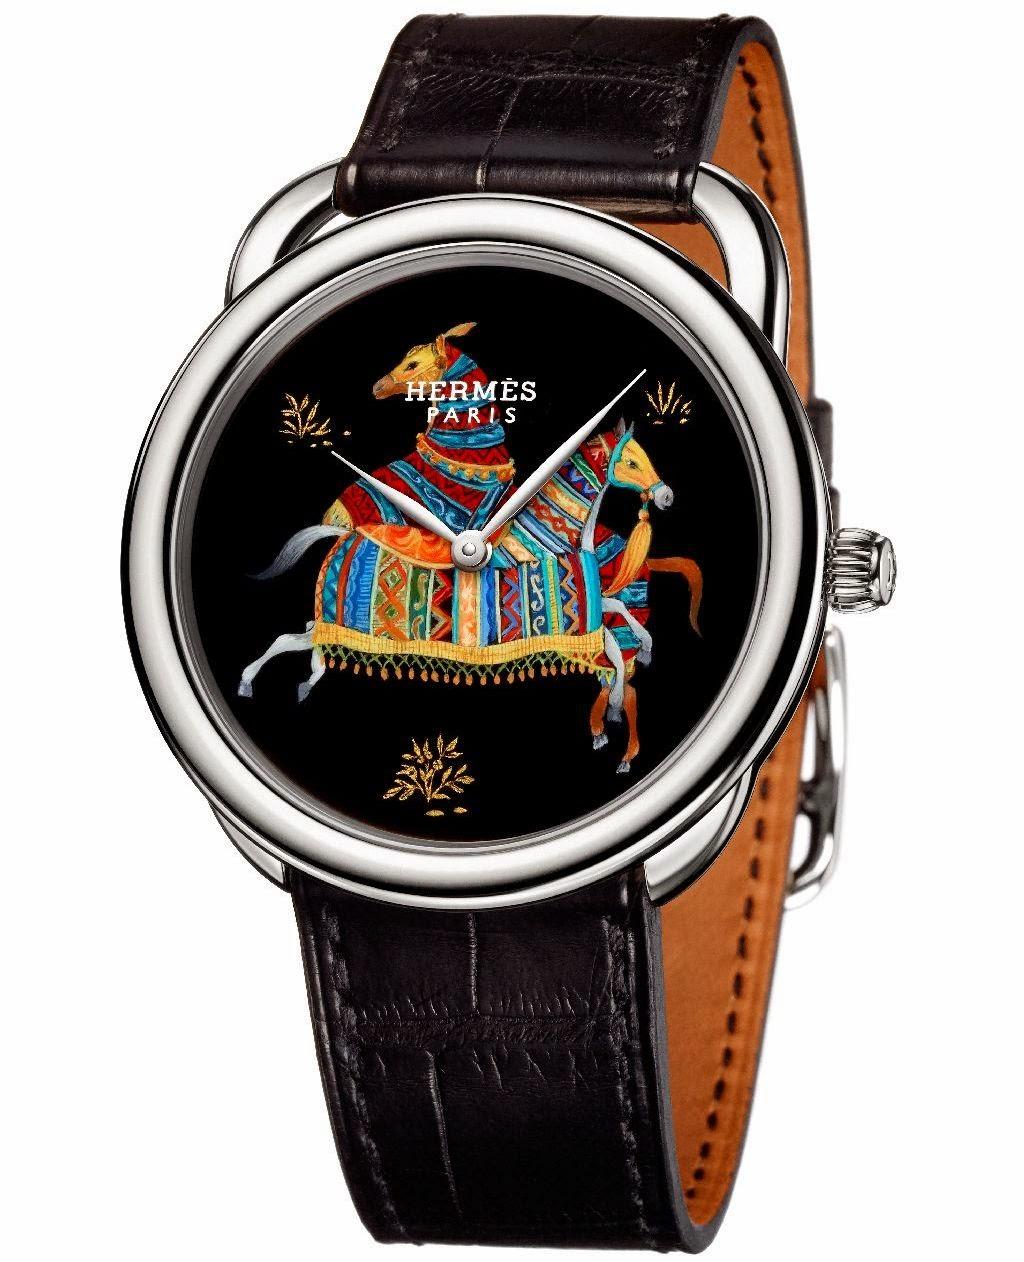 Hermès Arceau Cheval d'Orient watch